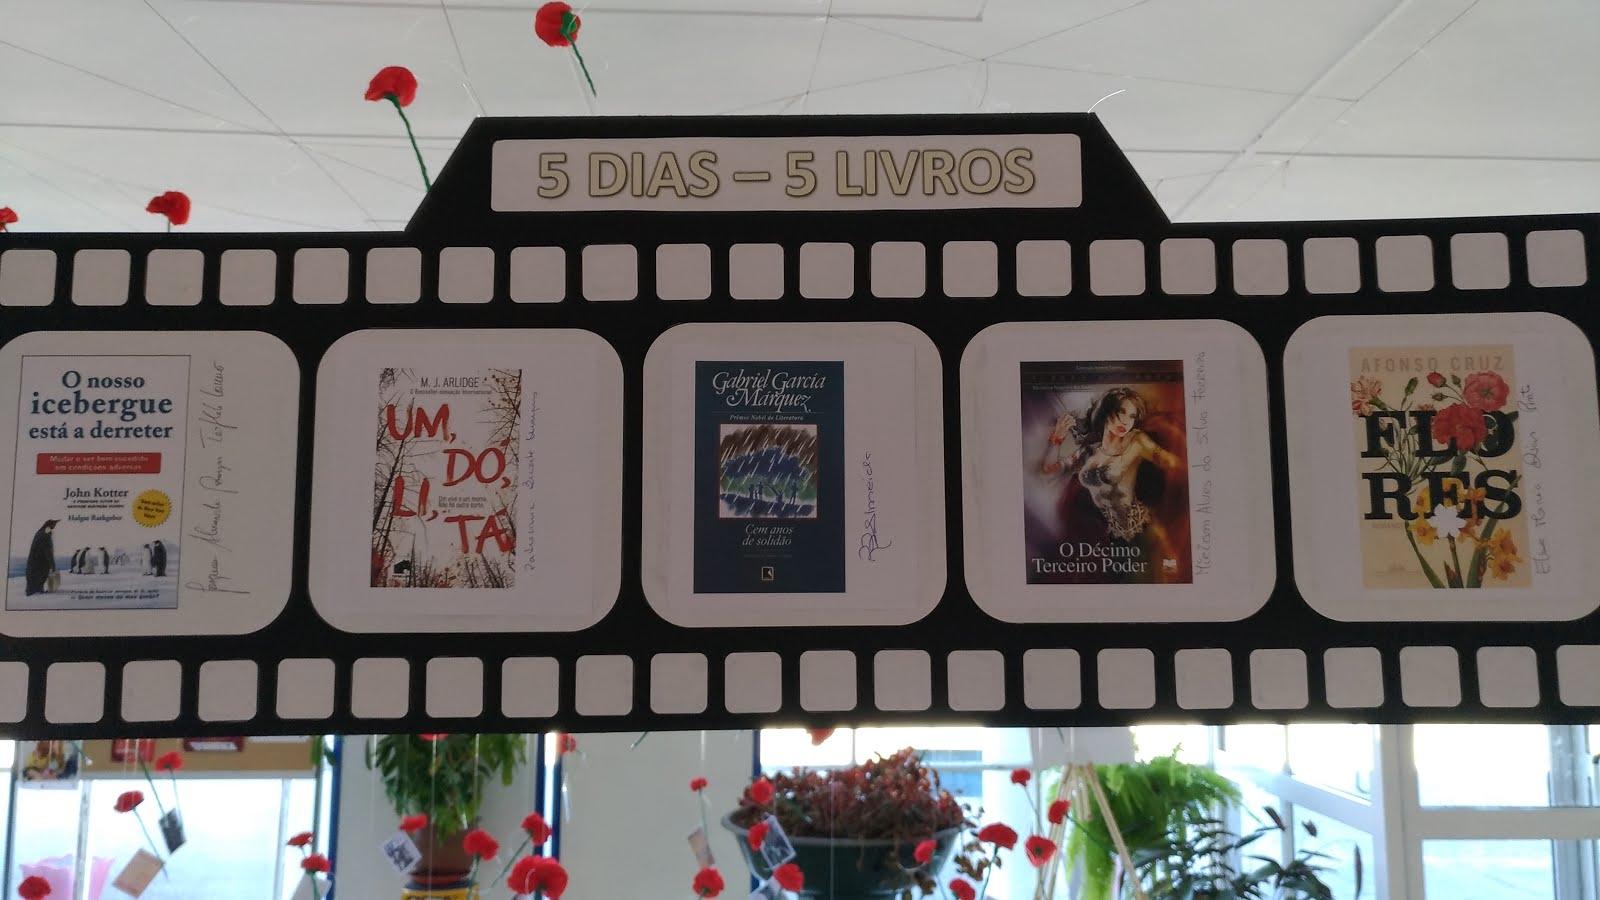 5 dias, 5 livros